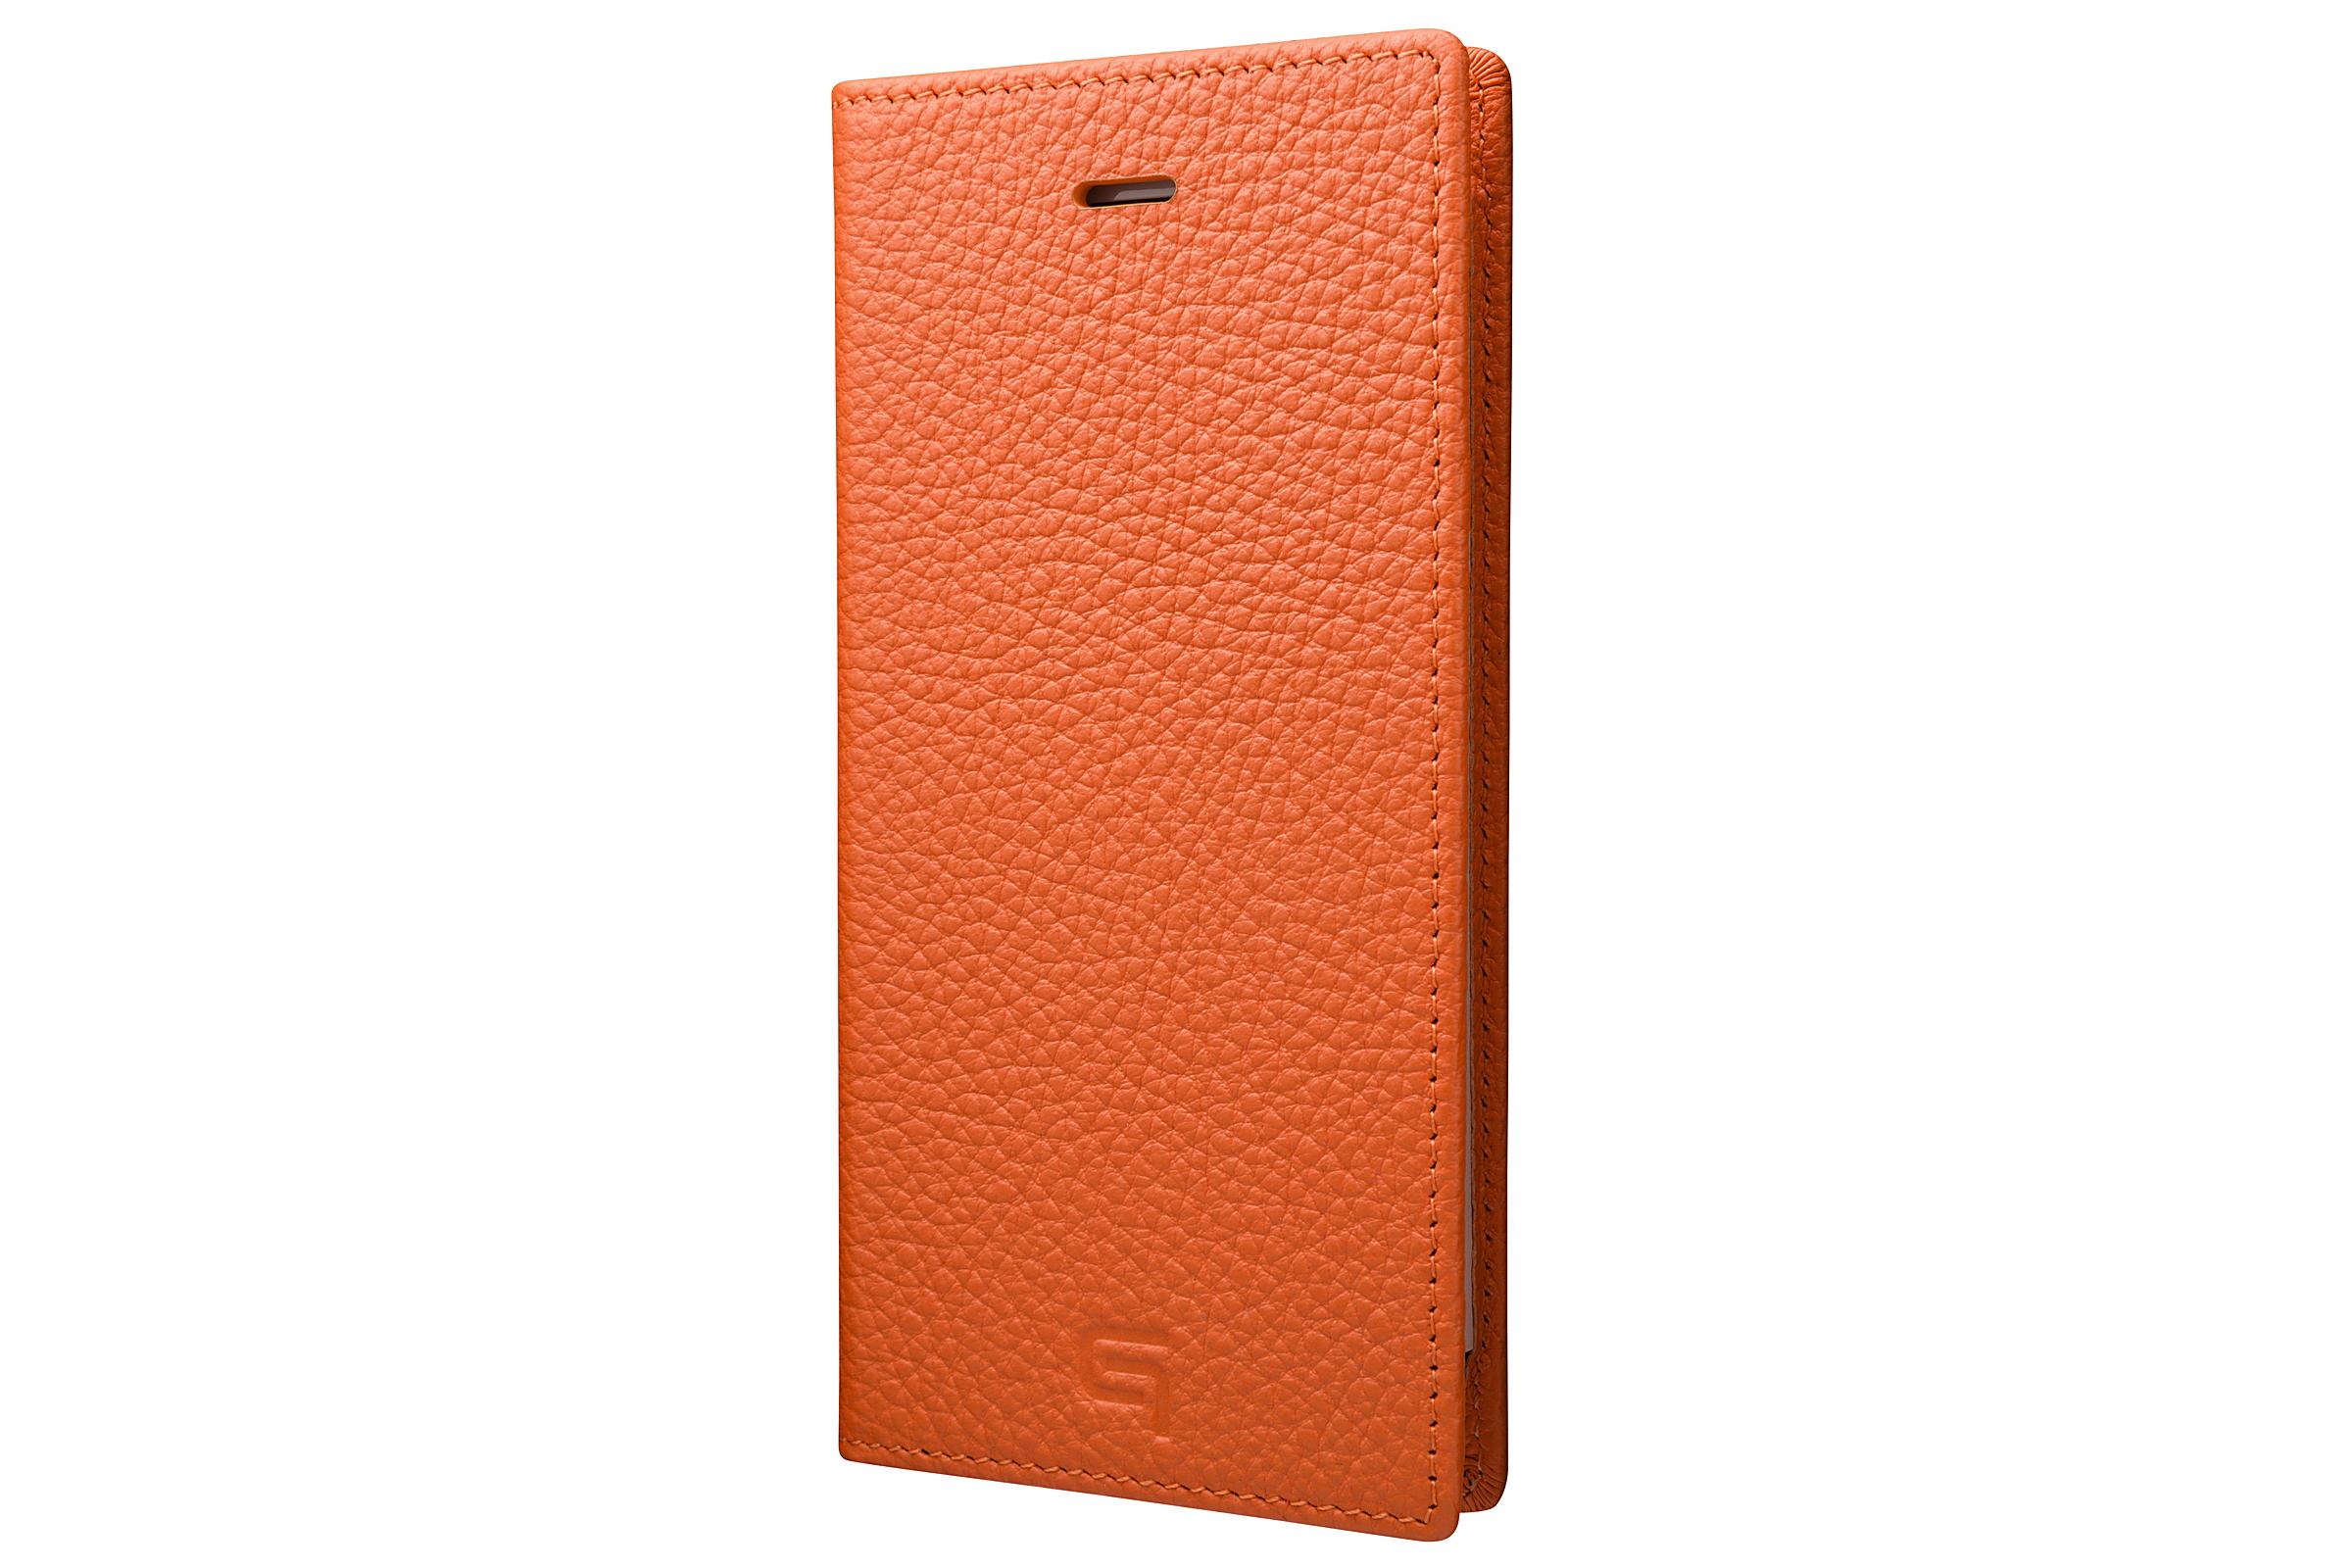 GRAMAS Shrunken-calf Full Leather Case for iPhone 7(Orange) シュランケンカーフ 手帳型フルレザーケース - 画像1